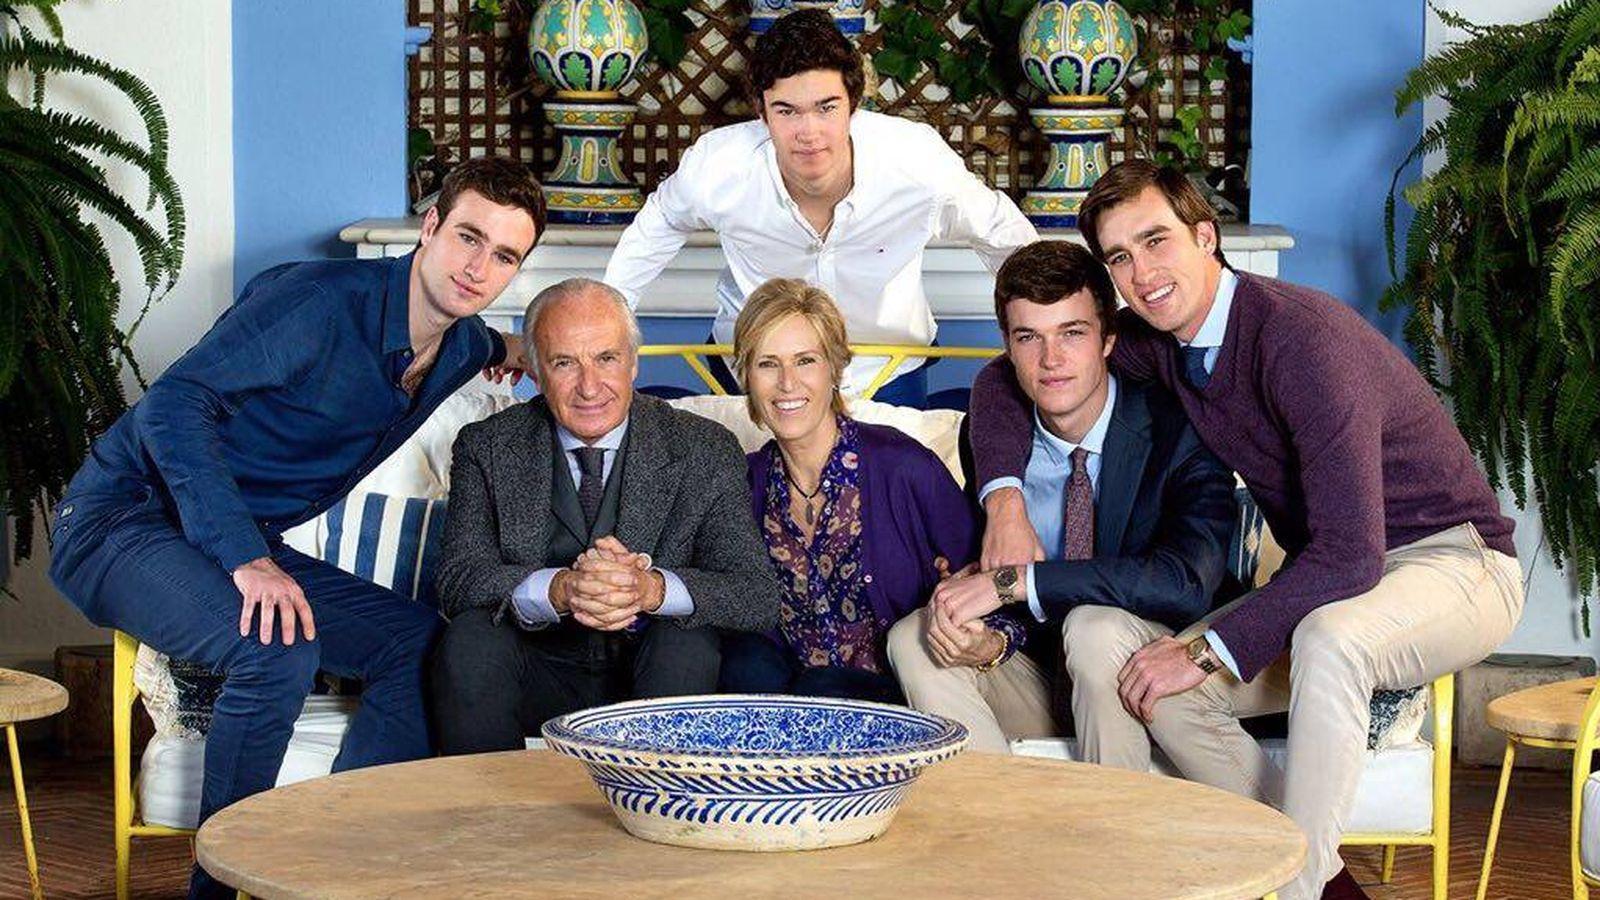 Foto: La aristócrata junto a su marido y sus hijos. (Cedida por la familia)